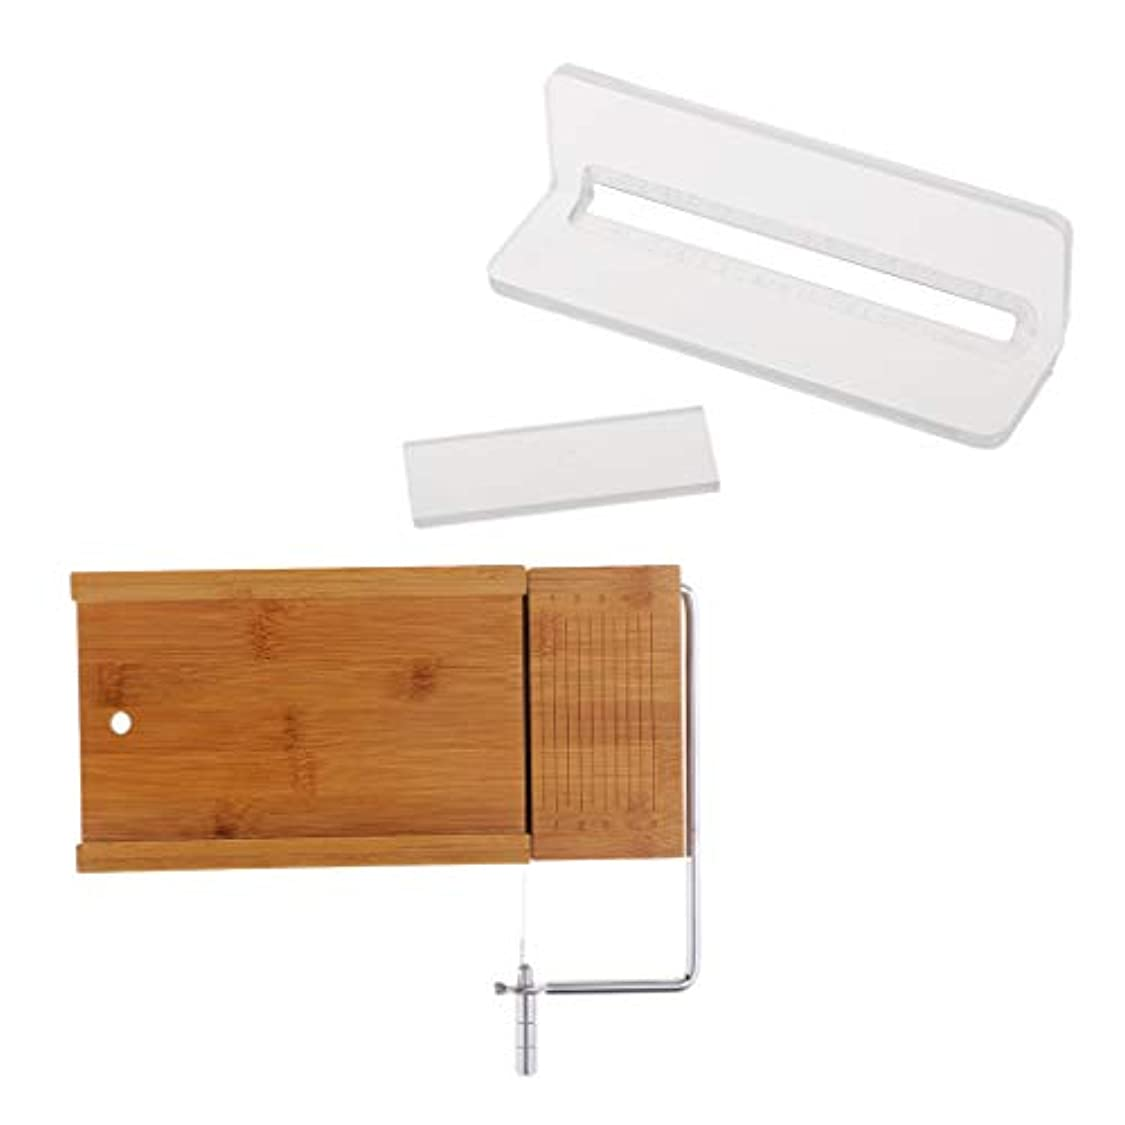 打倒黙当社dailymall 木製石鹸カッタースライサーベベラープレーナー手作り石鹸切削工具を作る